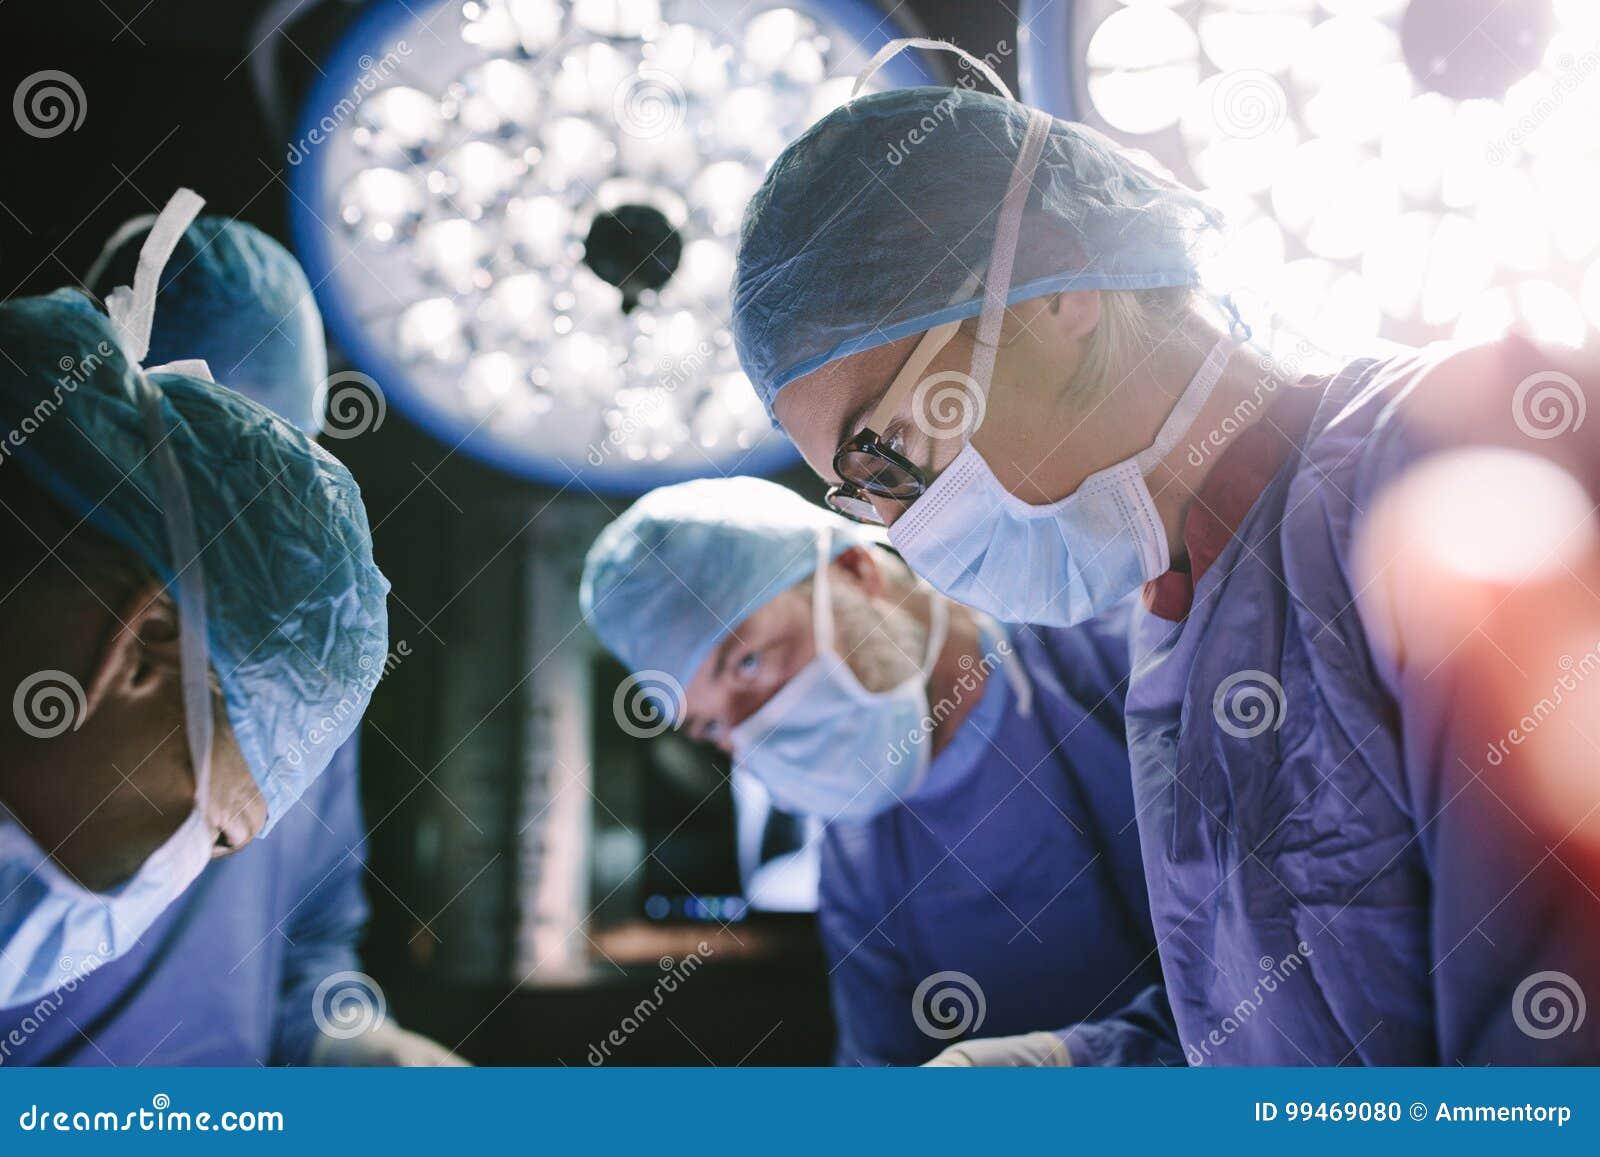 Συγκεντρωμένος χειρούργος που εκτελεί τη χειρουργική επέμβαση με την ομάδα της